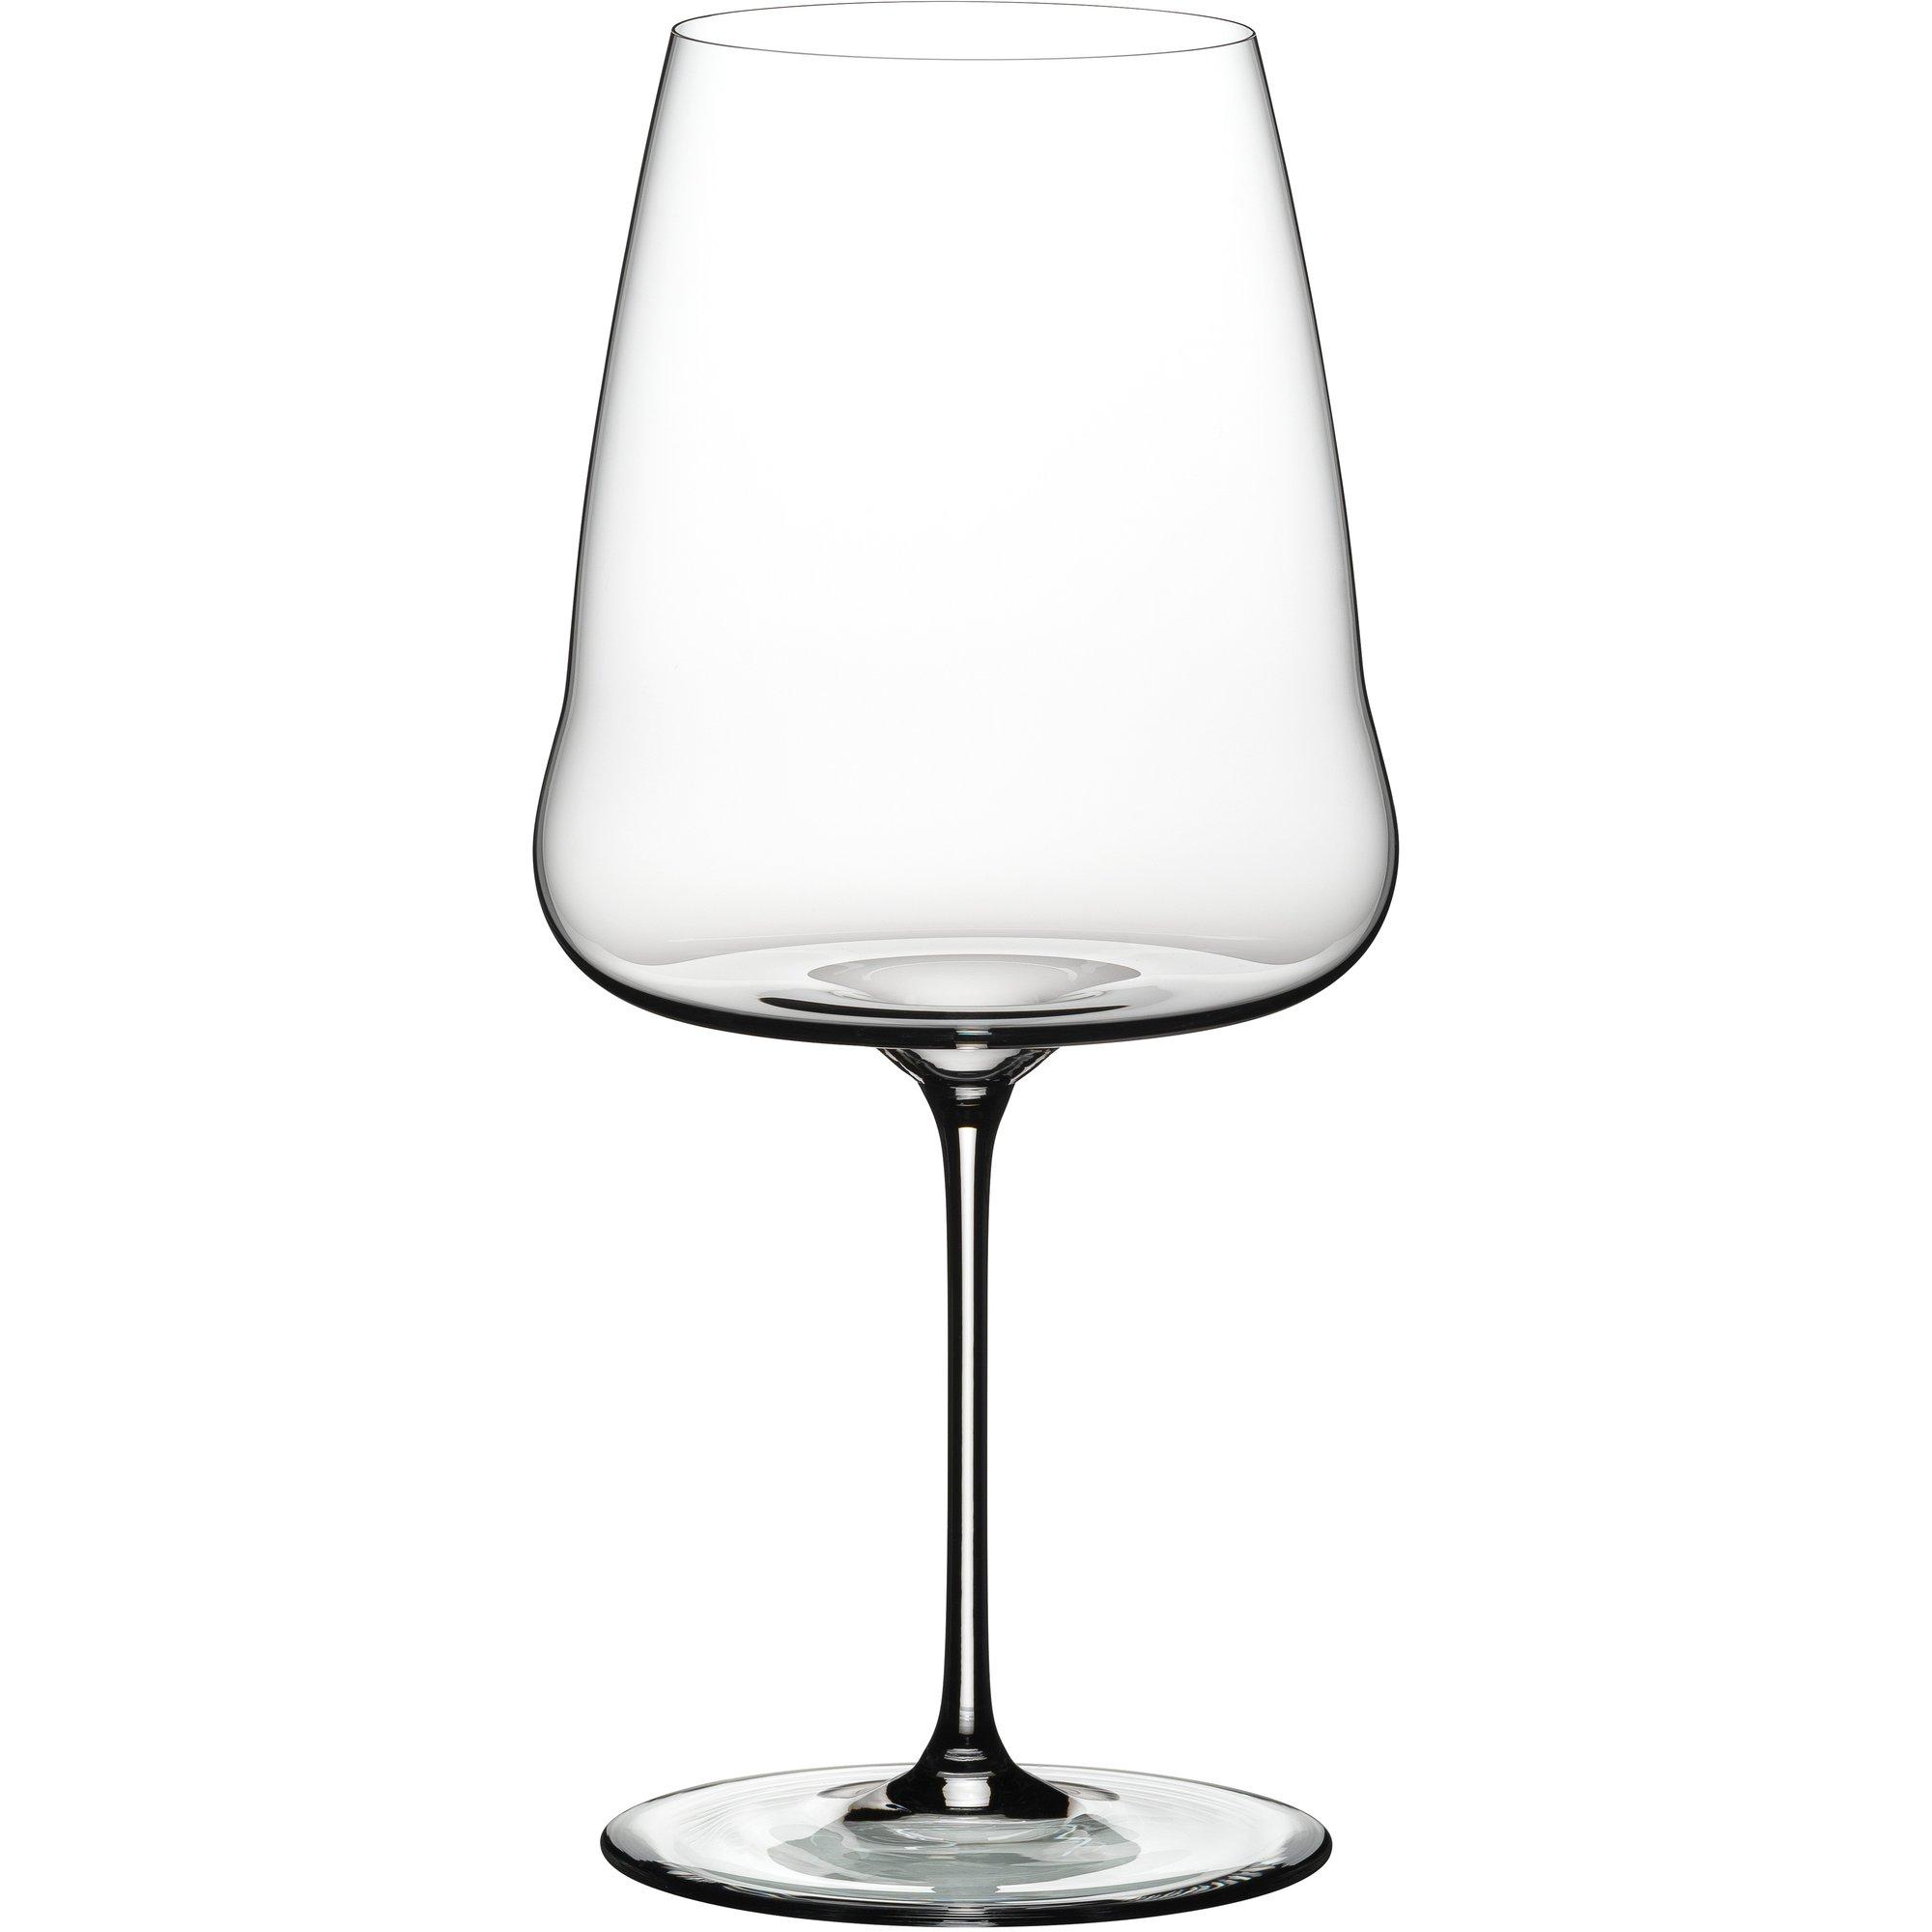 Riedel Winewings rödvinsglas till Carbarnet eller Merlot